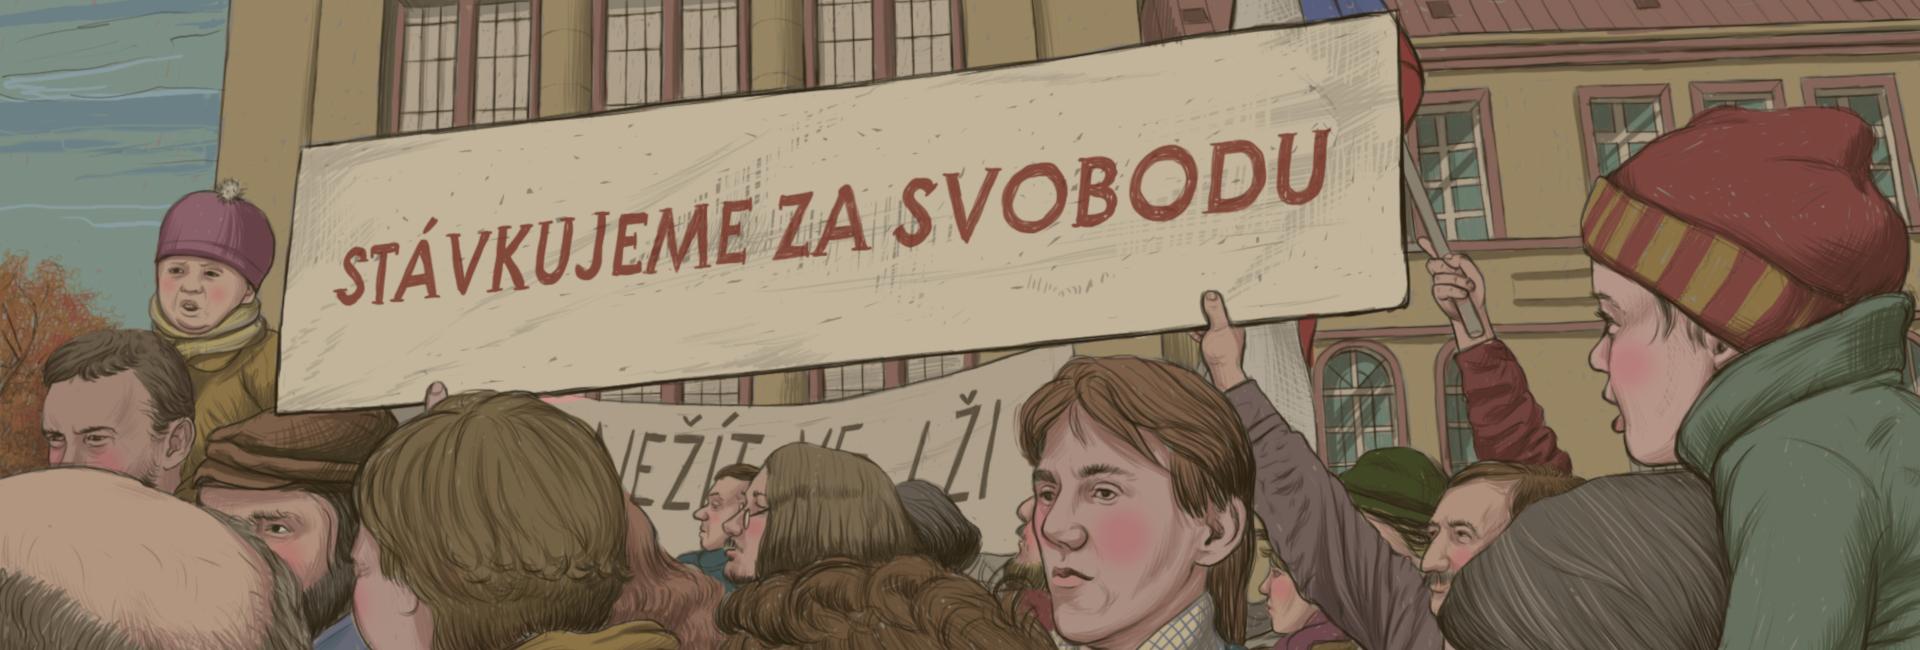 Studenti stávkují